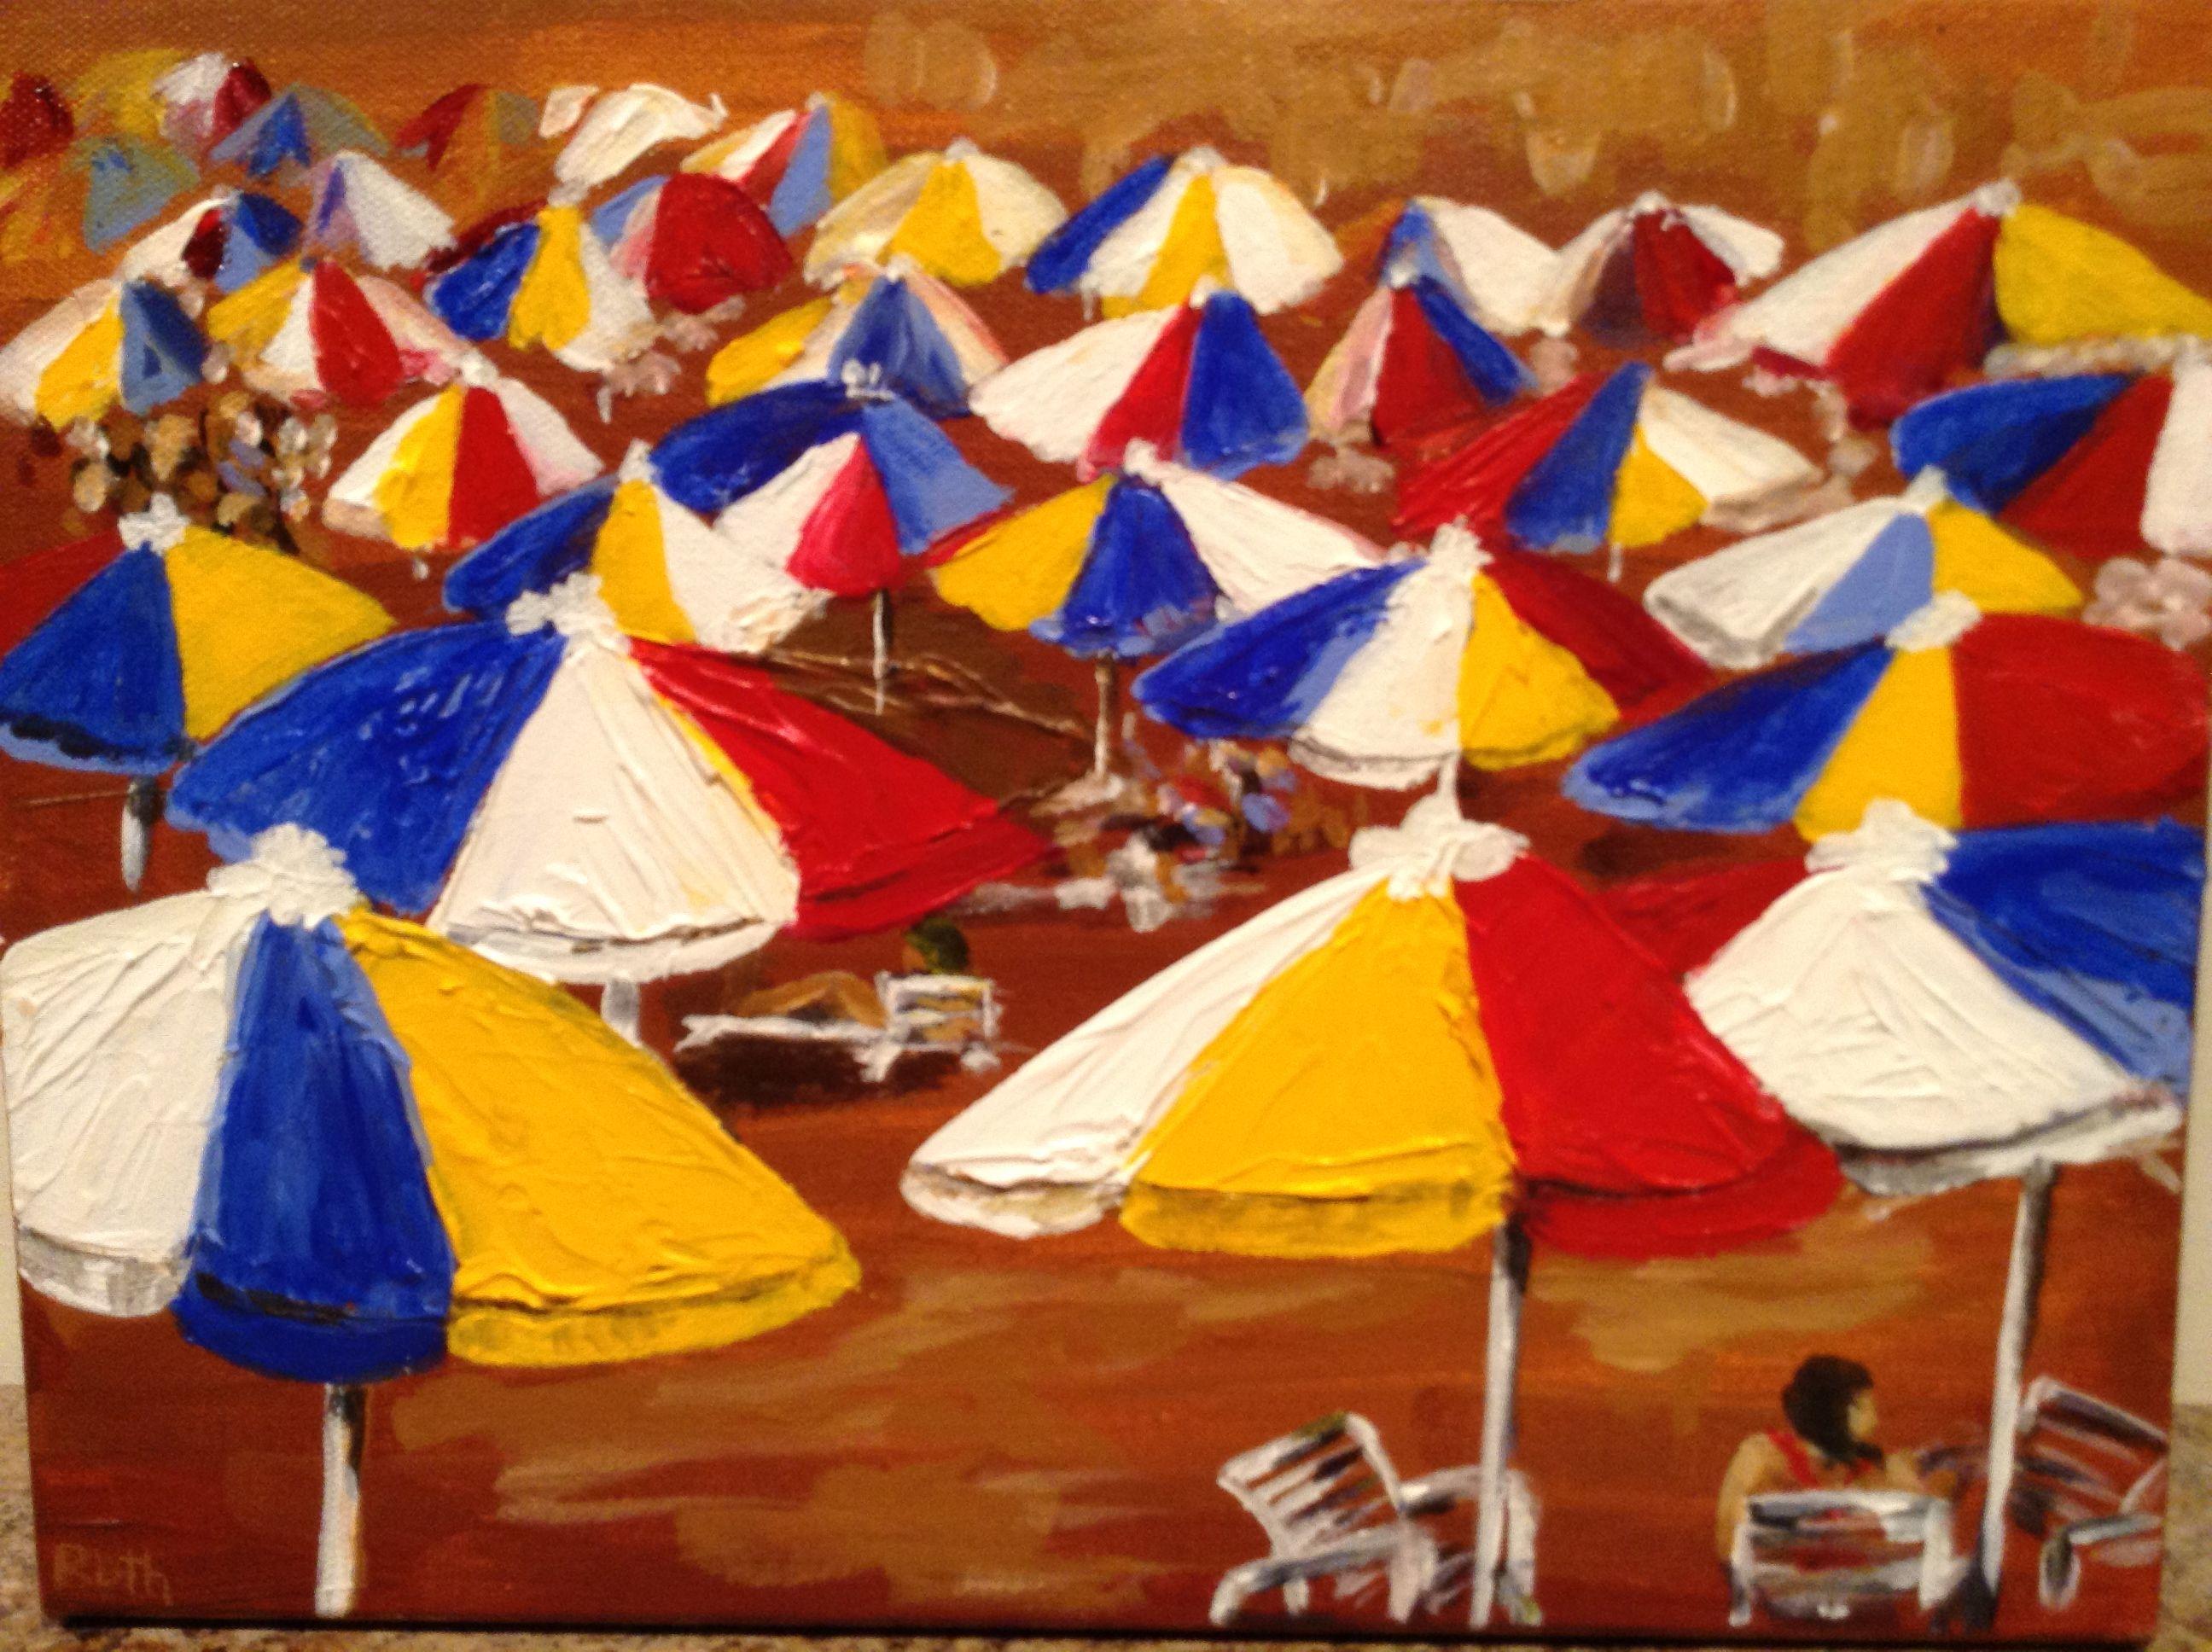 La Jolla Beach Club